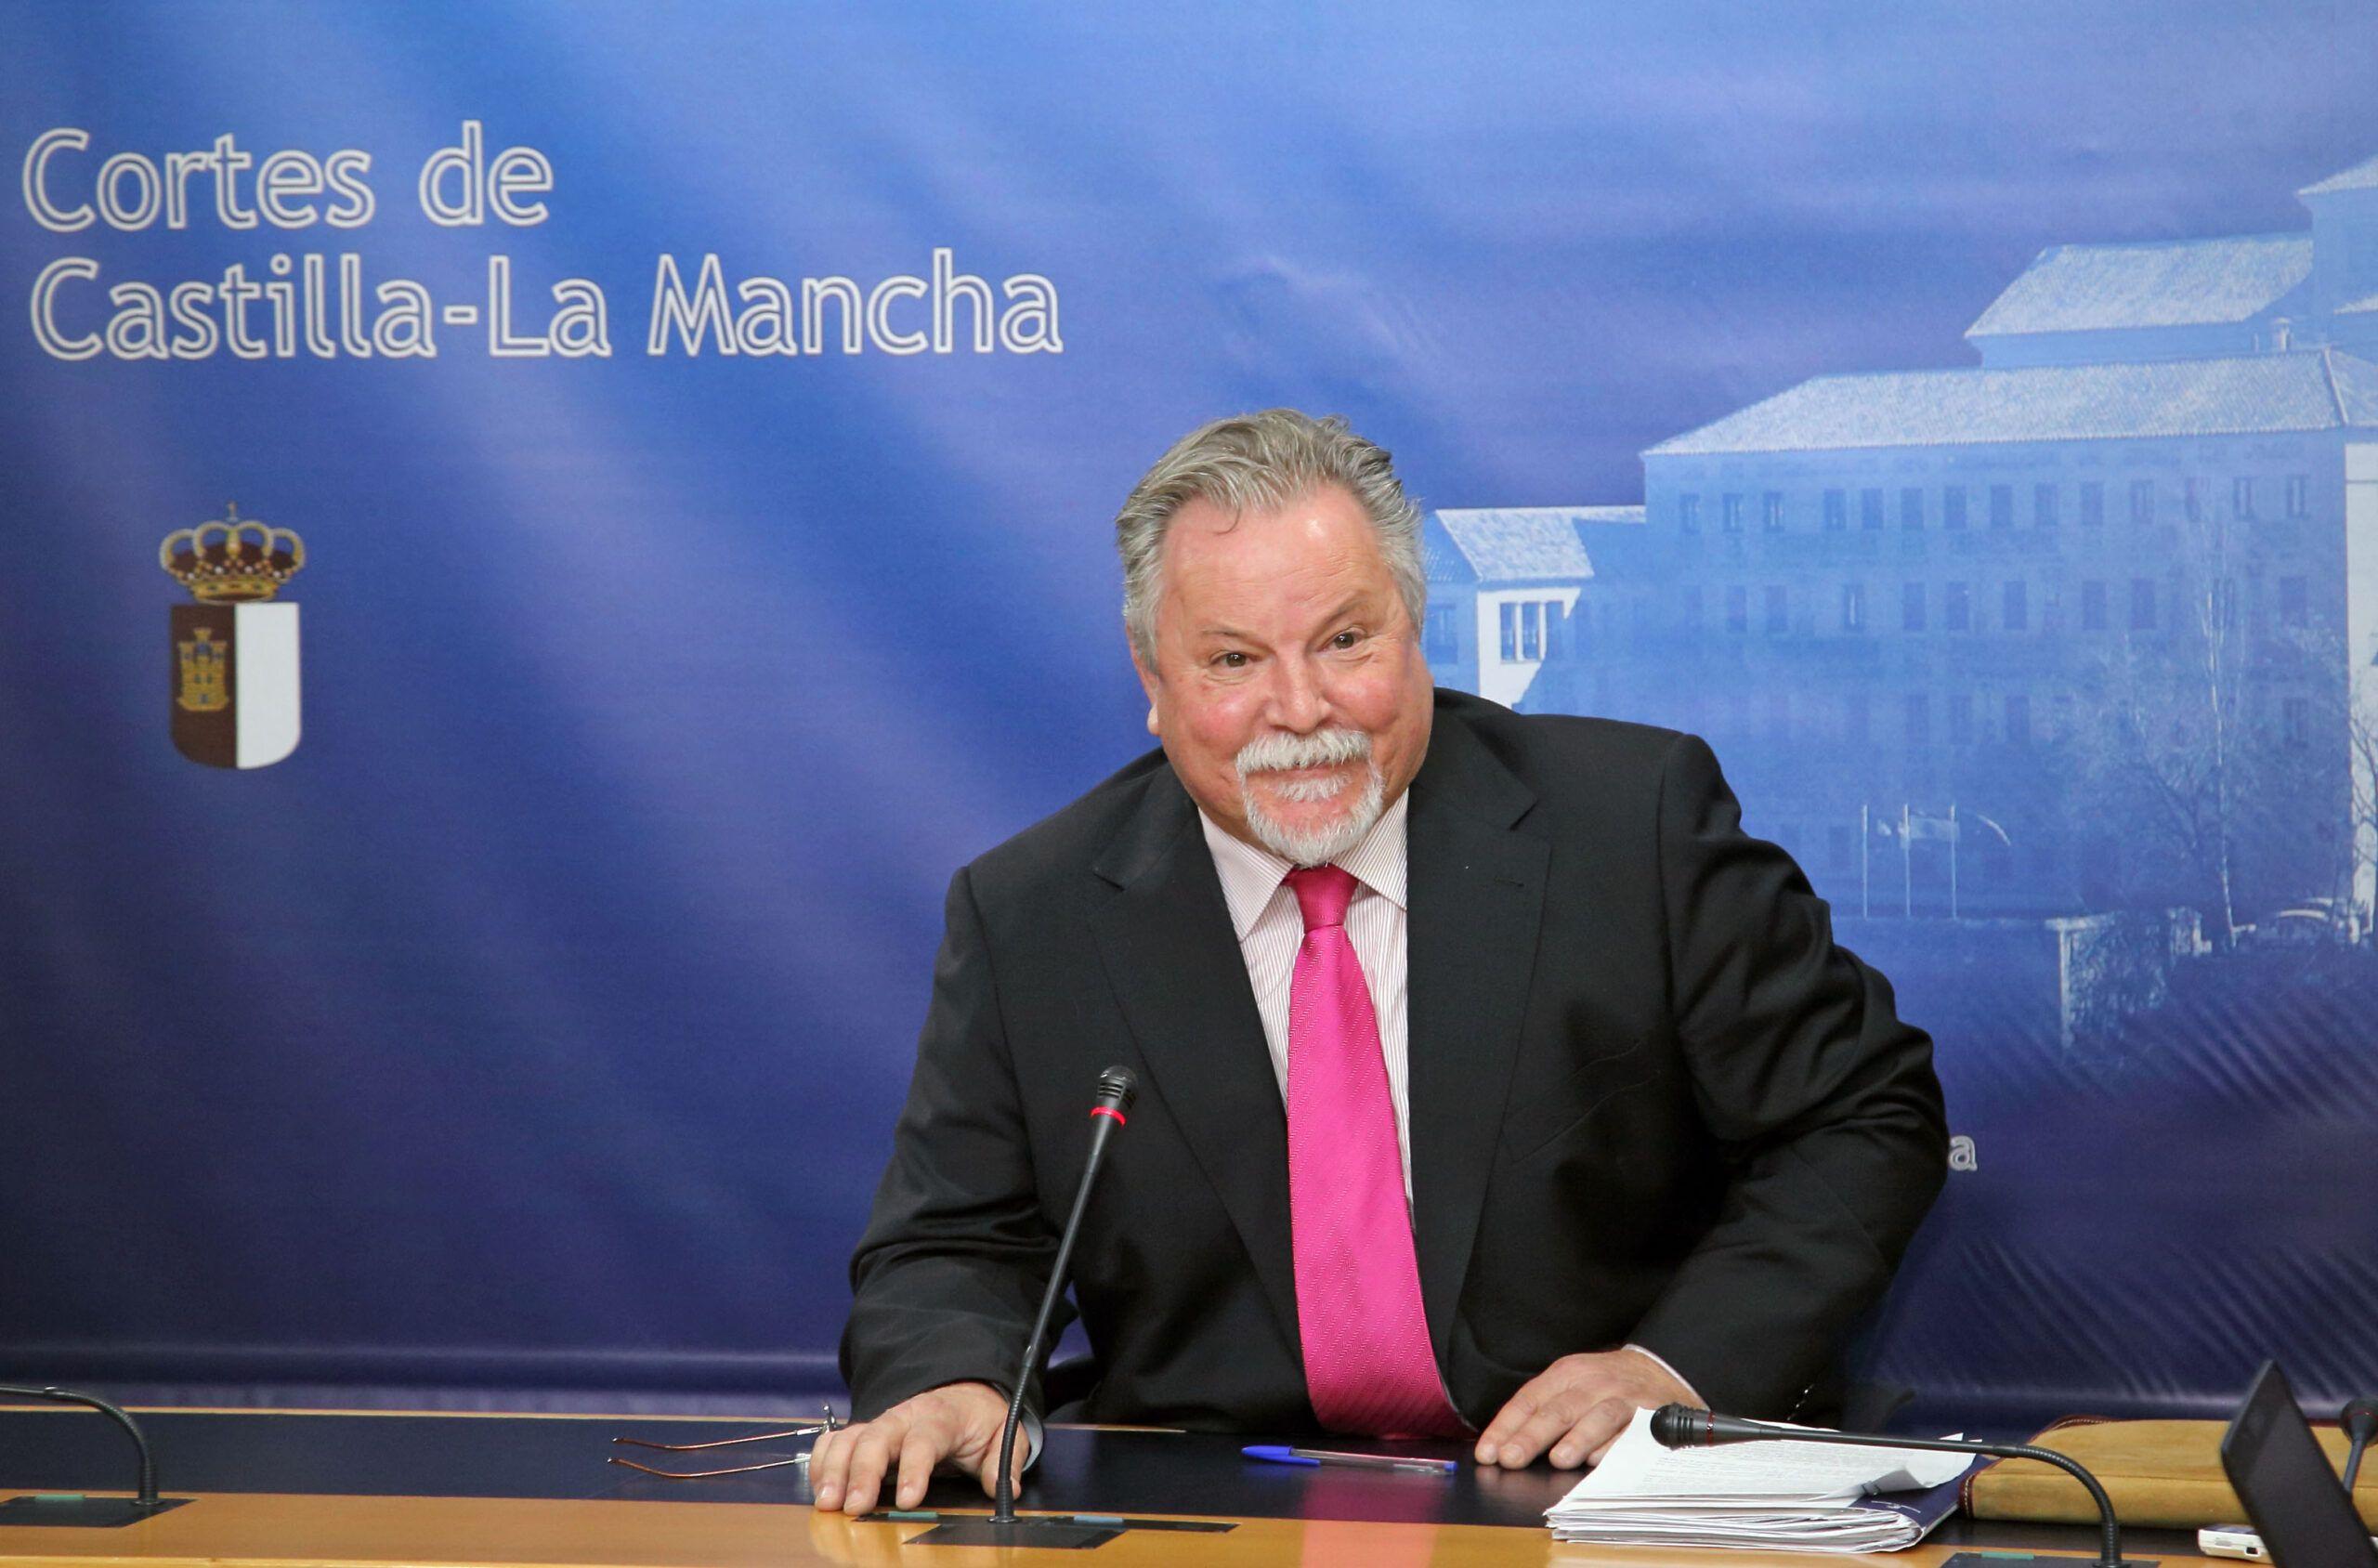 La Dirección General de Función Pública mantiene la vía de diálogo y convoca de nuevo a los sindicatos para estudiar el decreto del teletrabajo